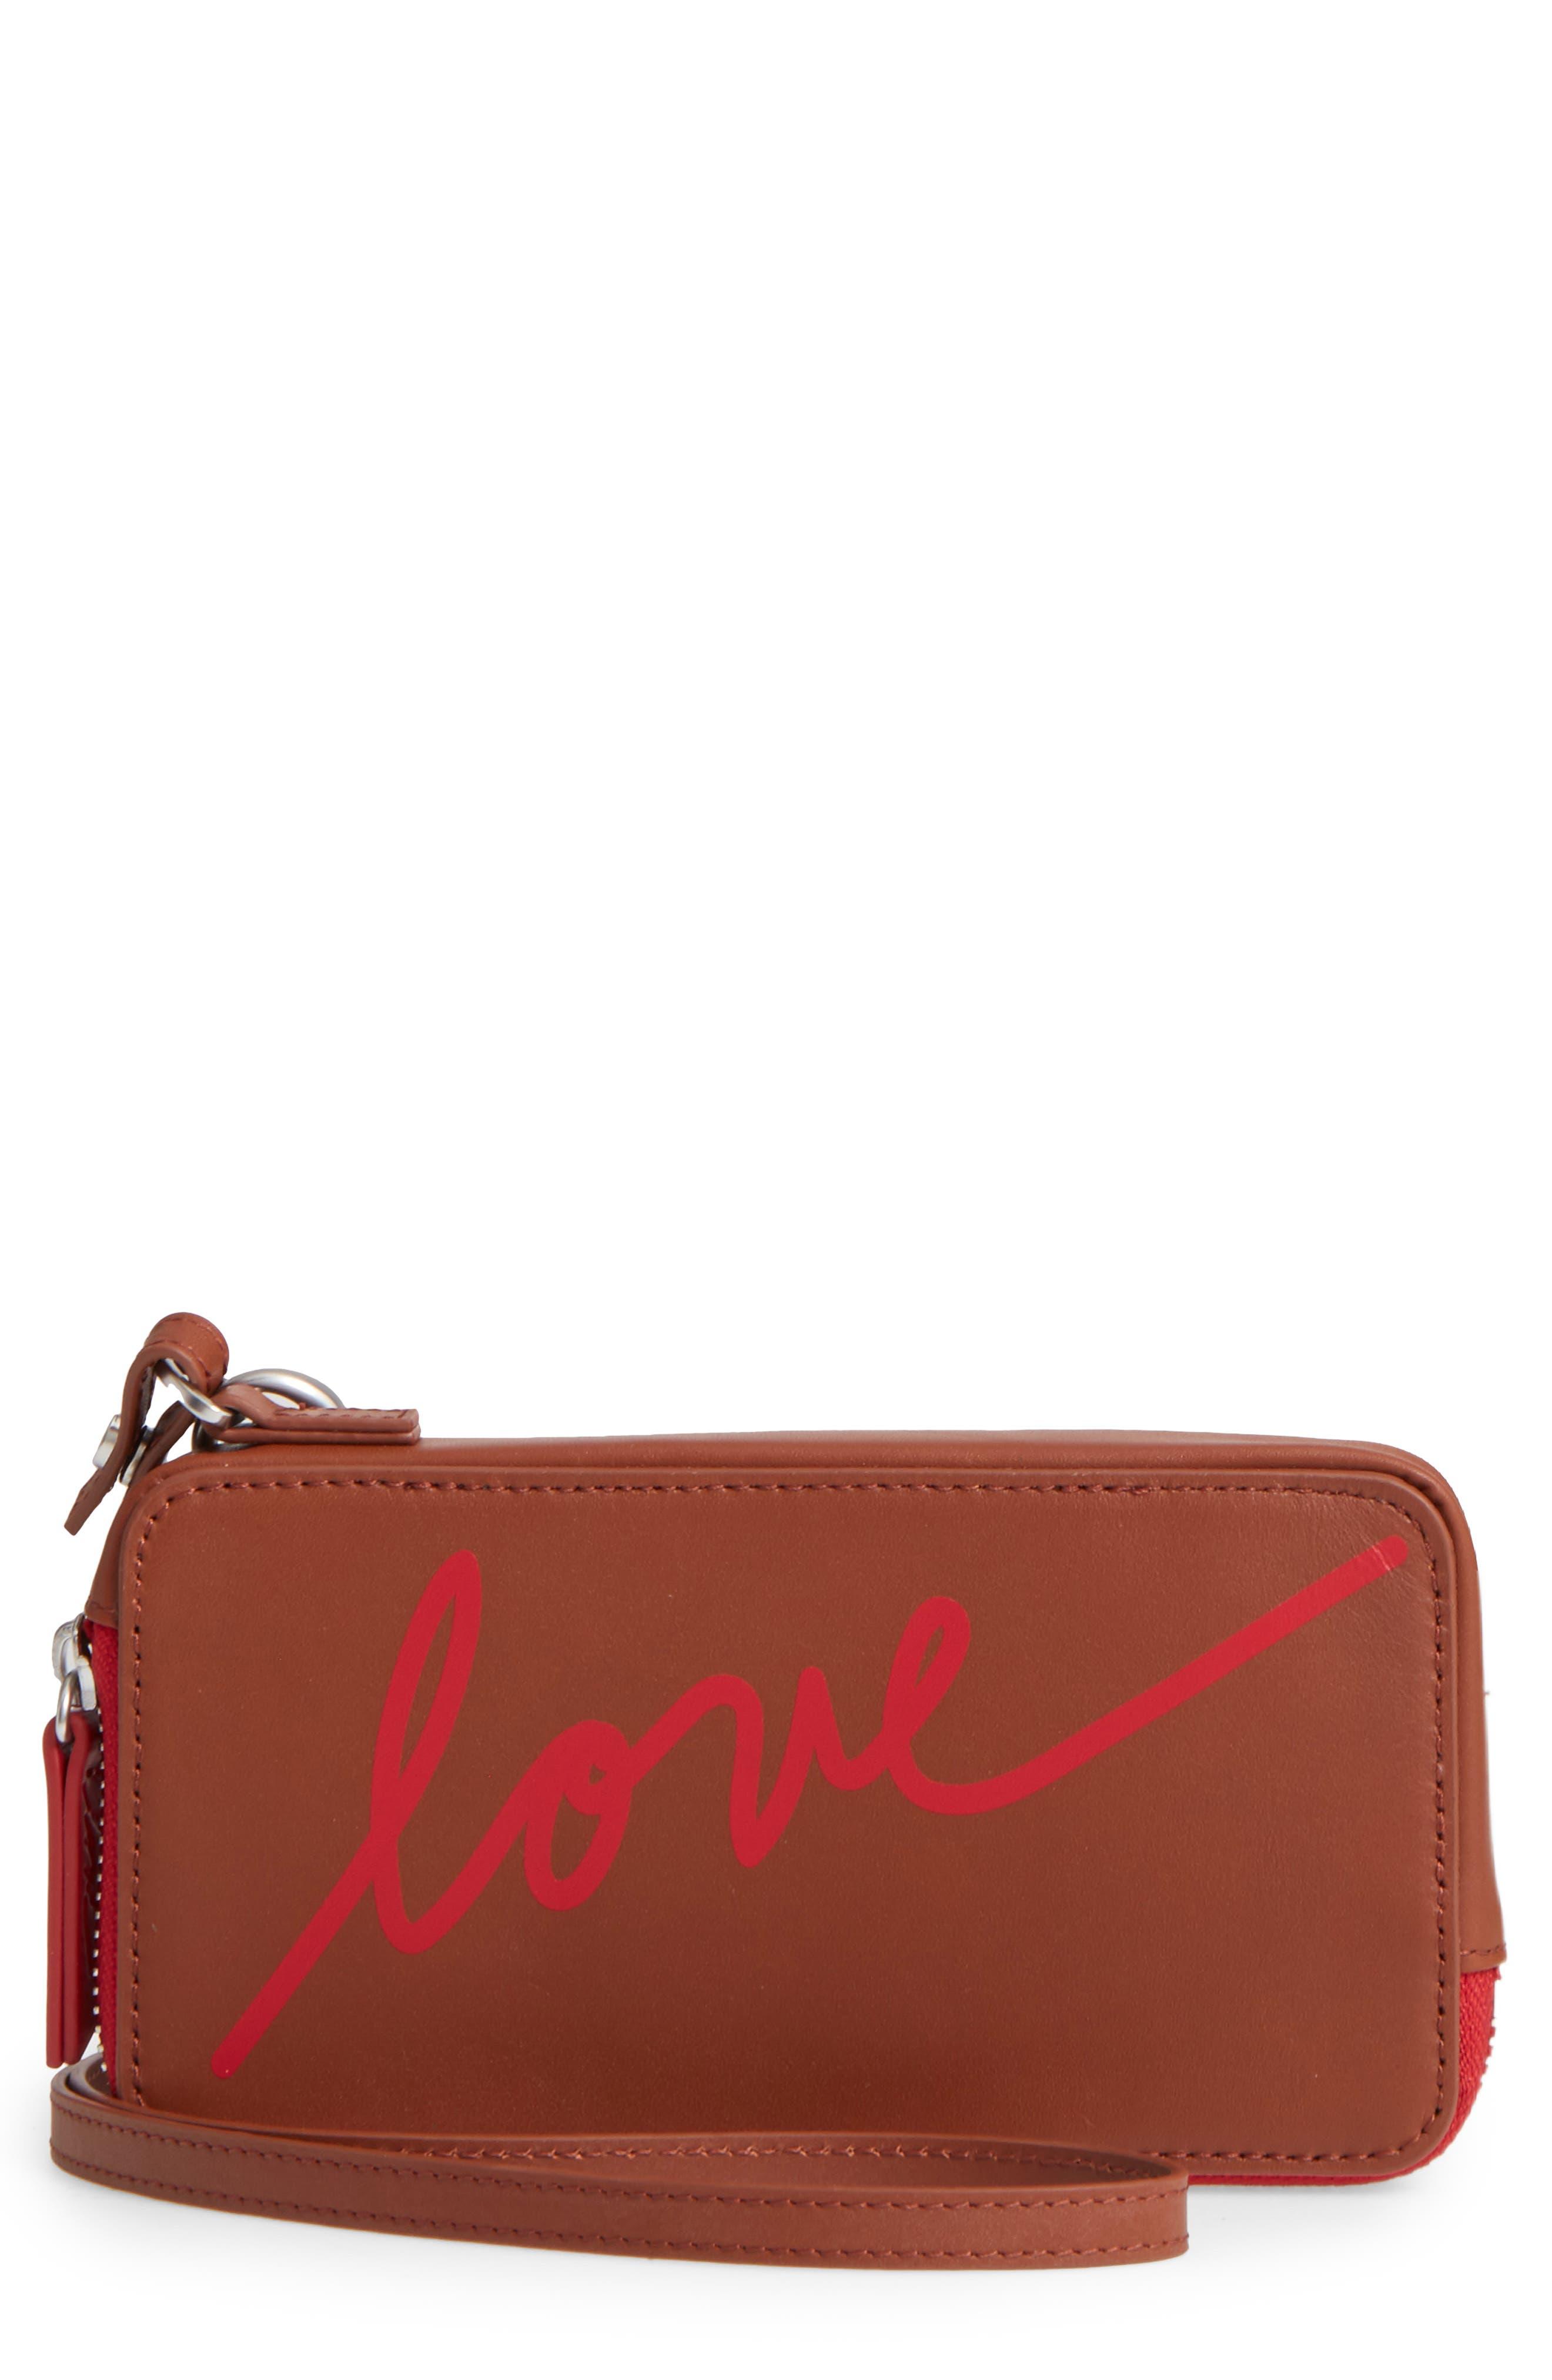 ED Ellen Degeneres Brea Convertible Smartphone Leather Clutch